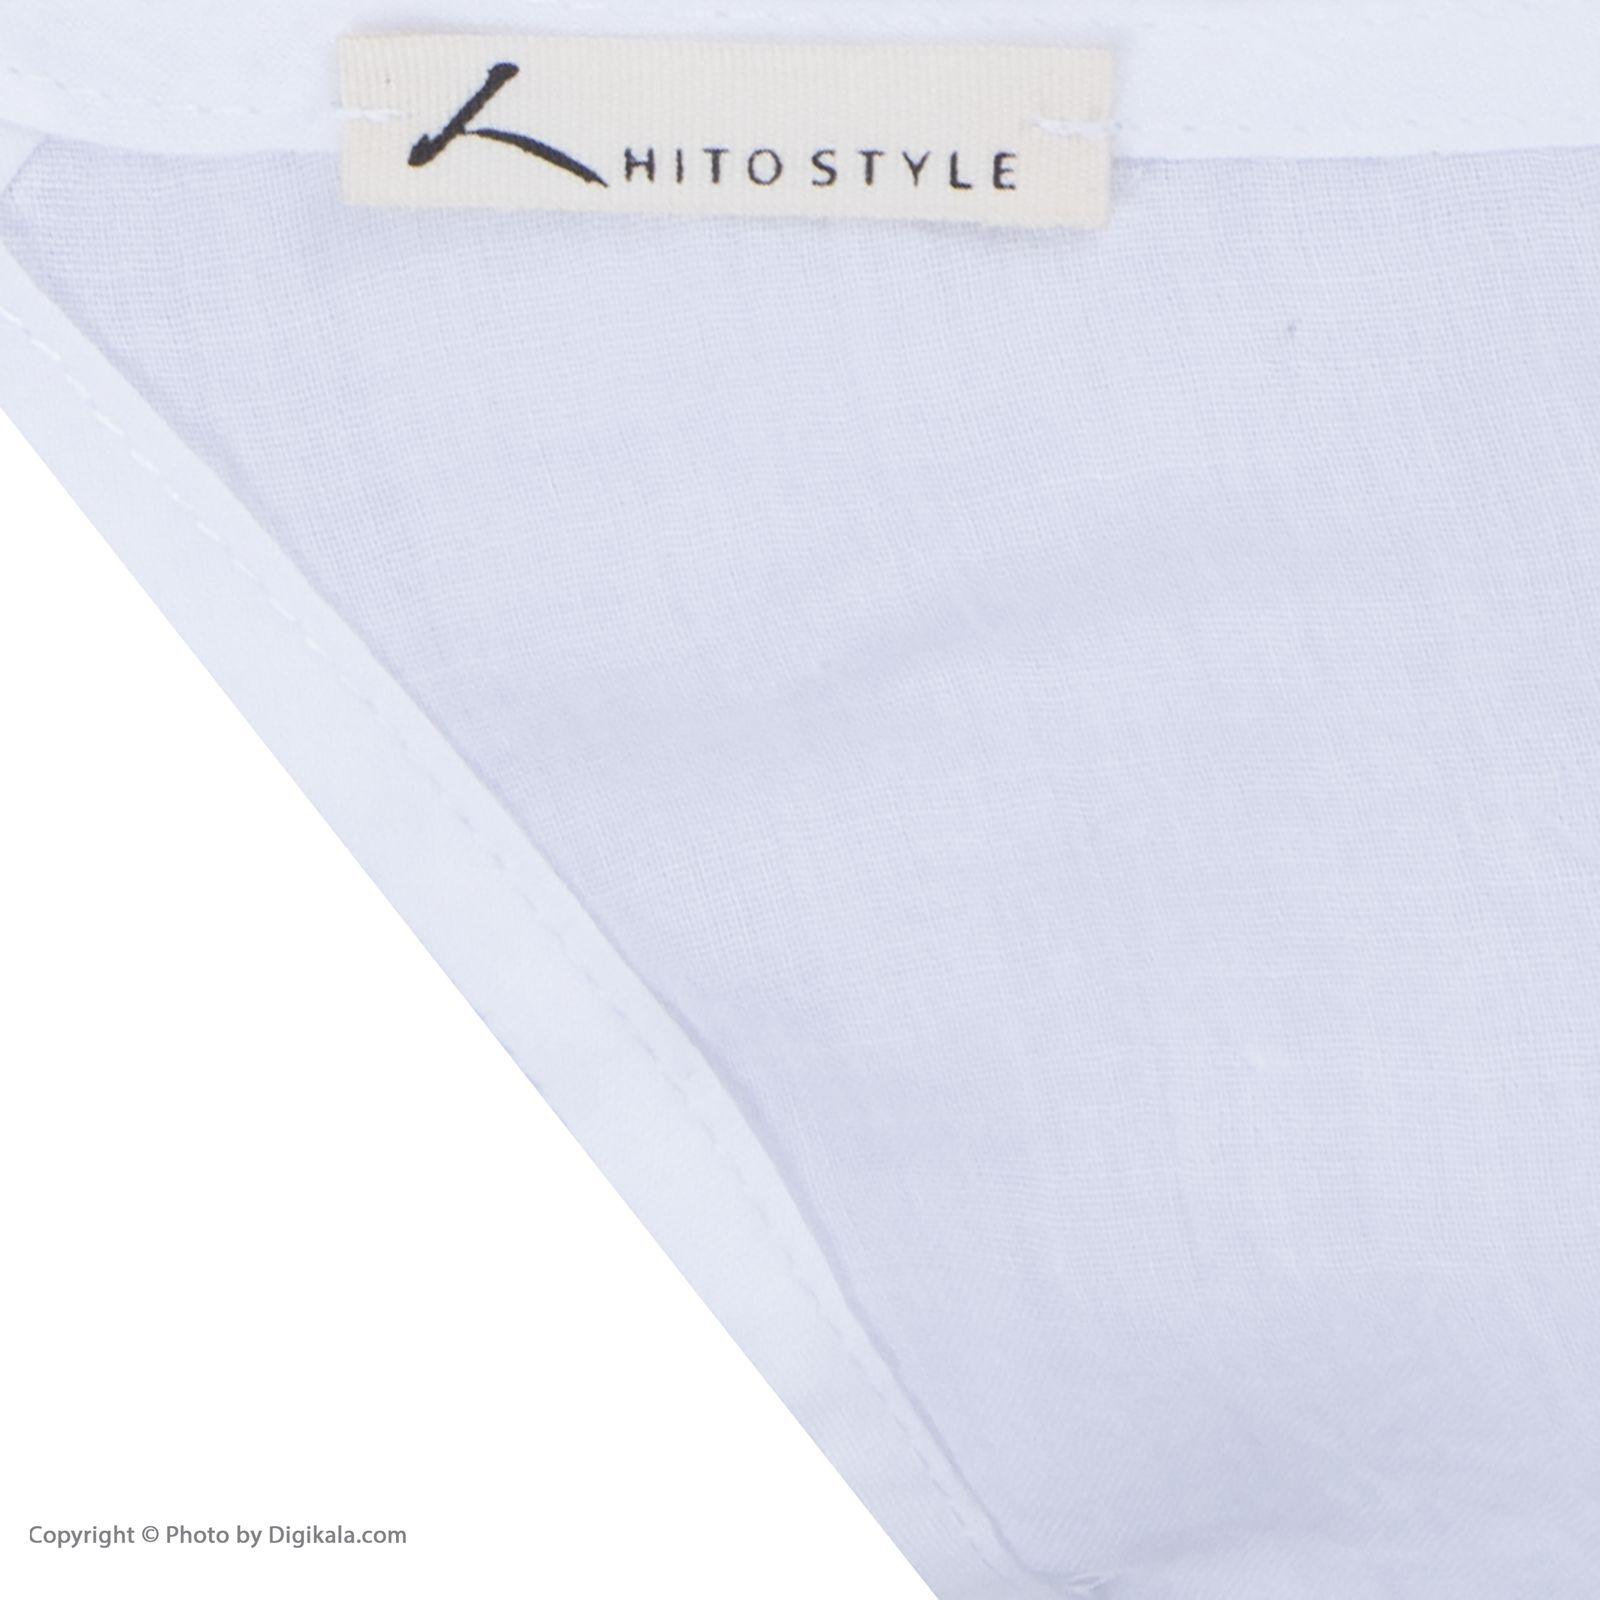 لباس خواب زنانه هیتو استایل مدل D28F366 -  - 4